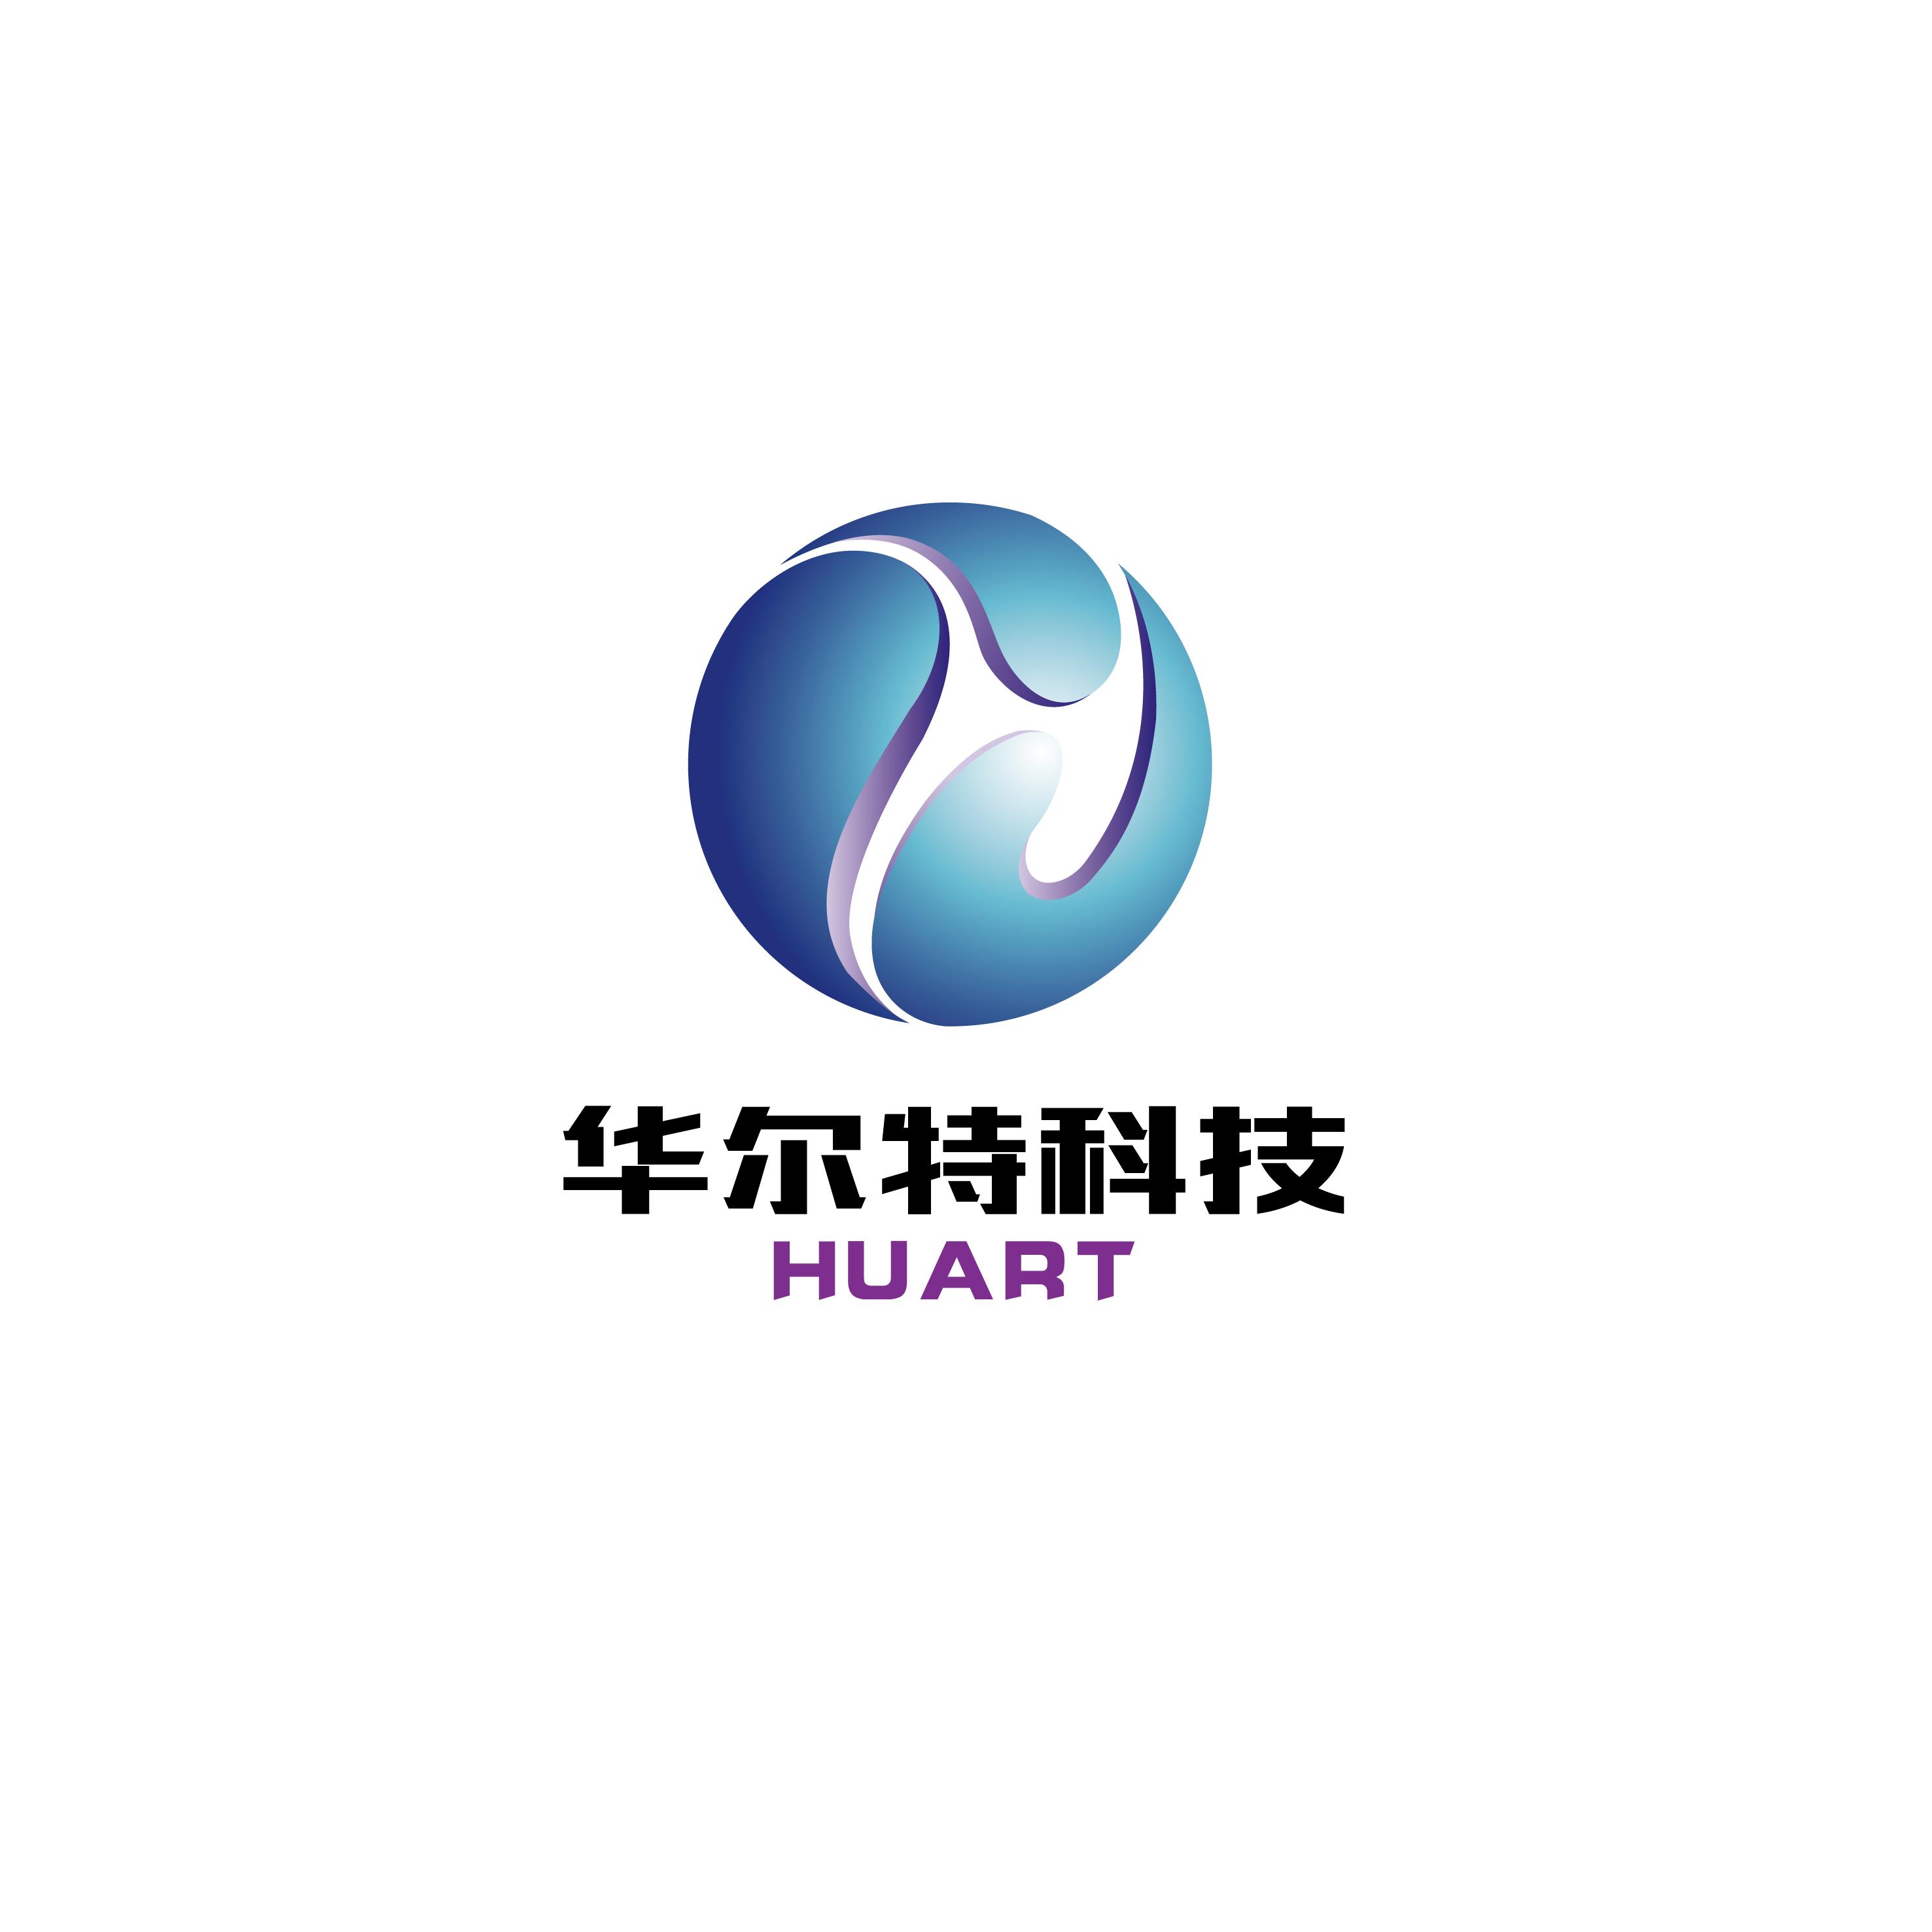 湖南华尔特科技有限公司